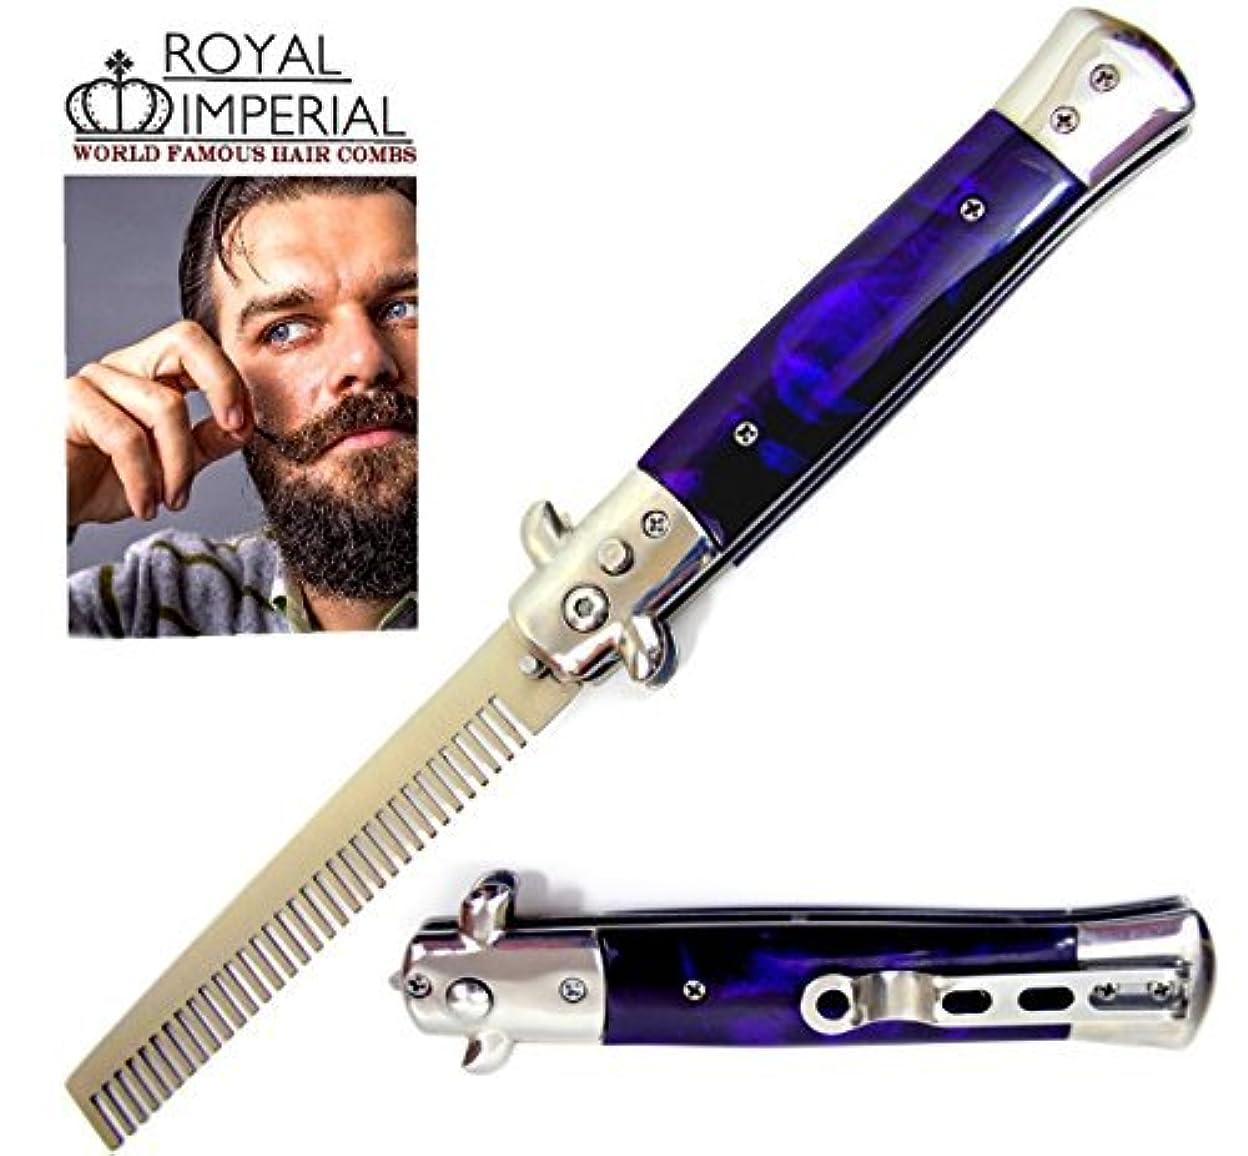 尊敬するカウントアップ耐久Royal Imperial Metal Switchblade Pocket Folding Flick Hair Comb For Beard, Mustache, Head PURPLE THUNDER Handle...